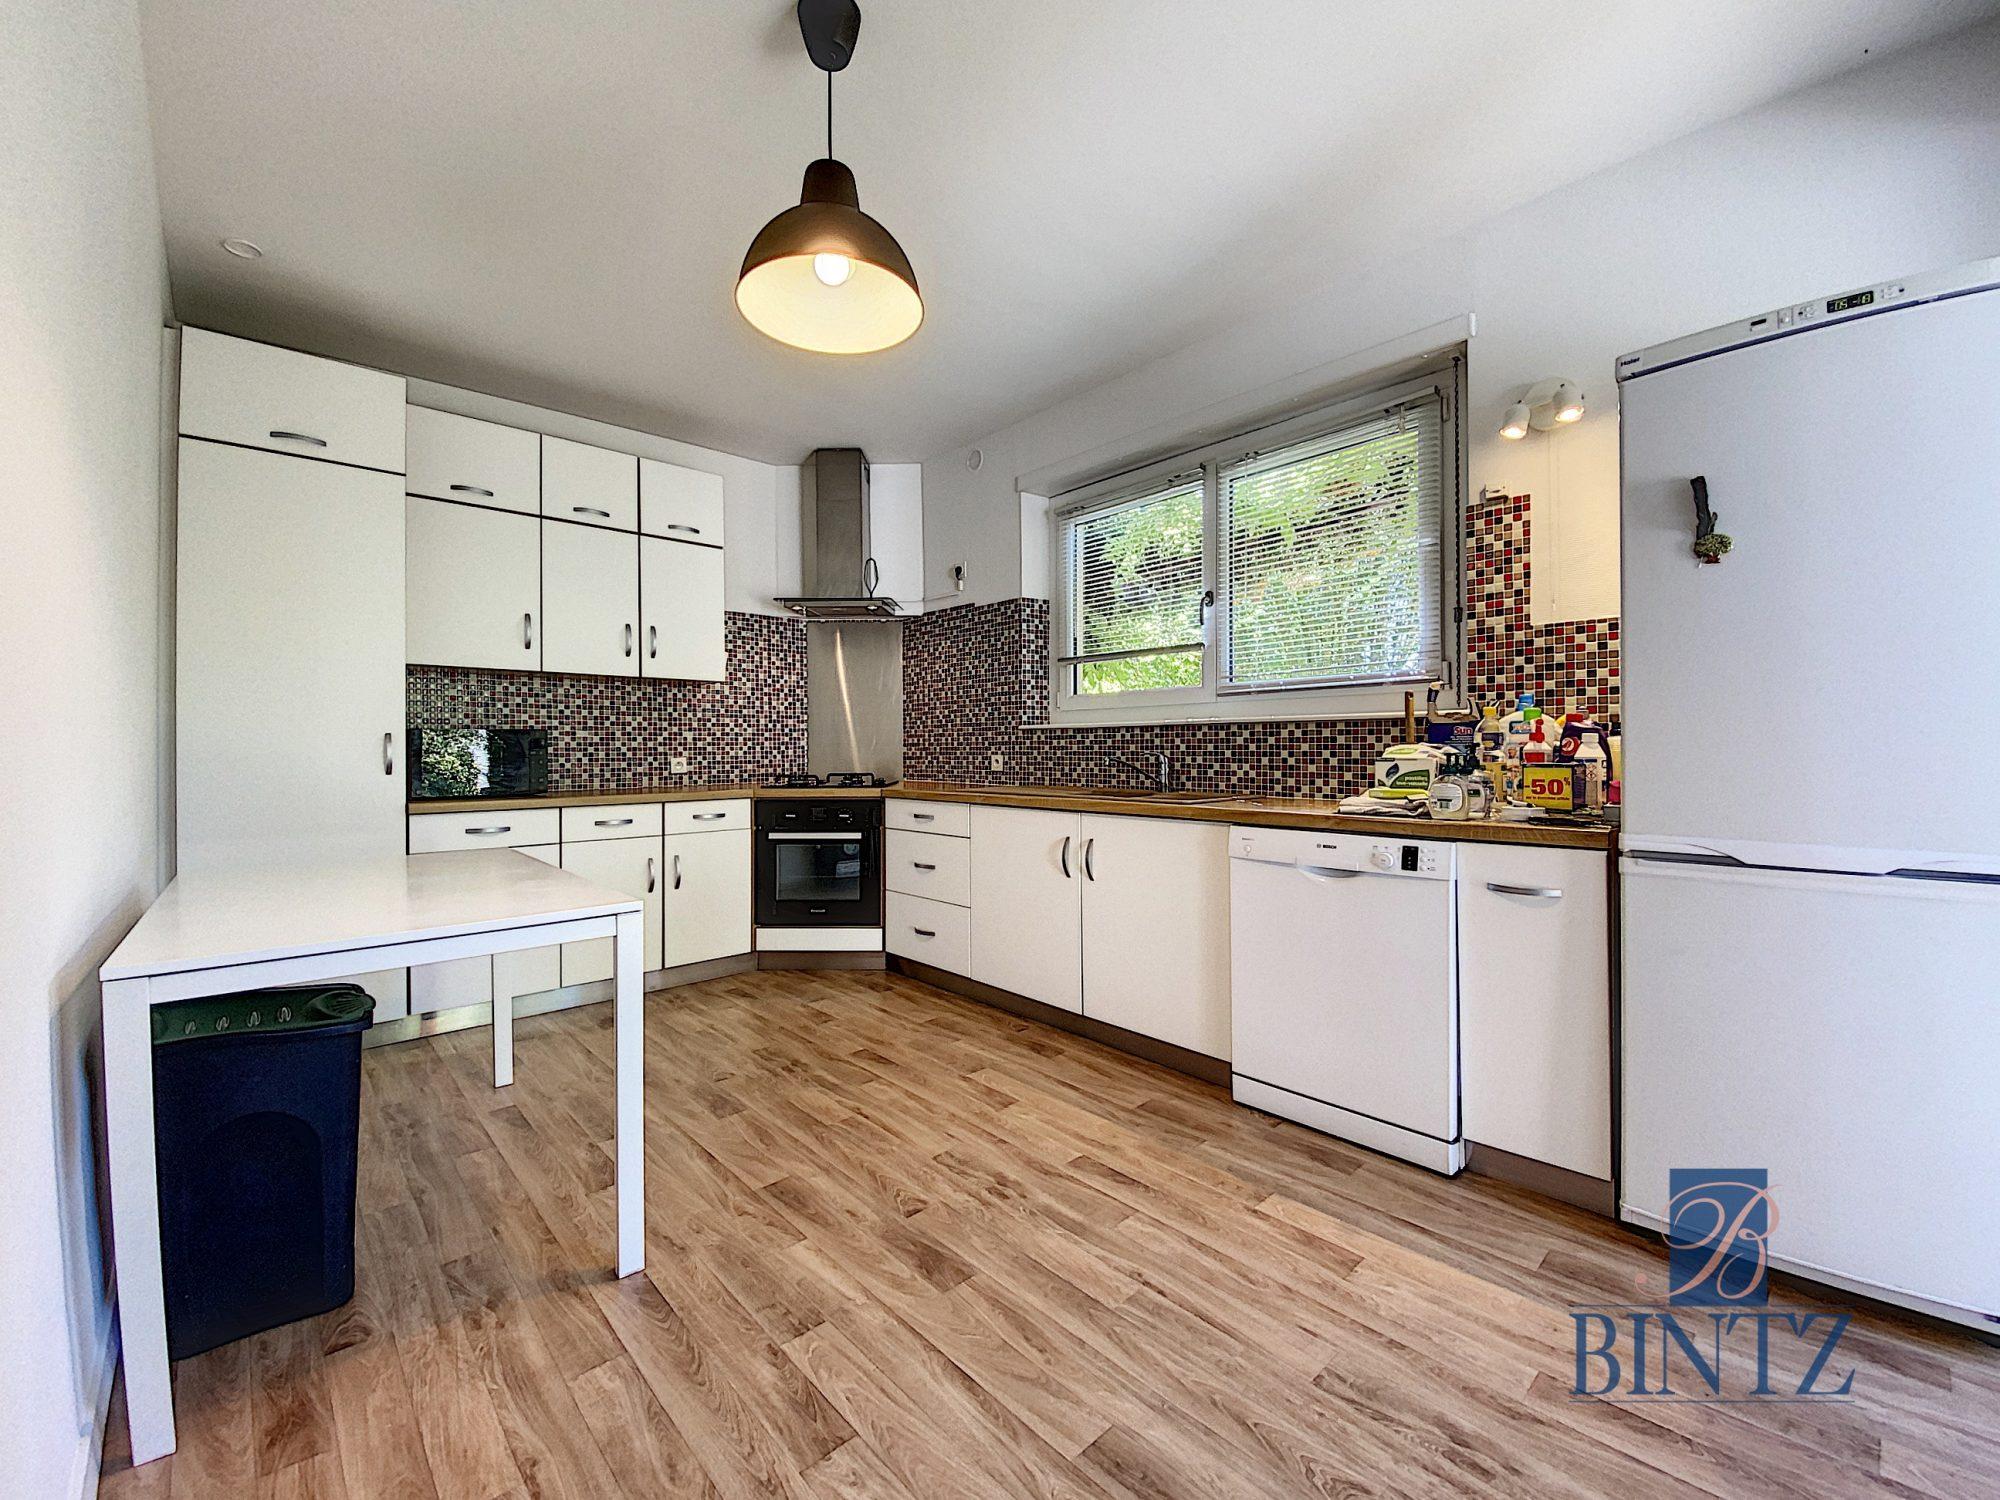 MAISON A LOUER ROBERTSAU - Devenez locataire en toute sérénité - Bintz Immobilier - 8